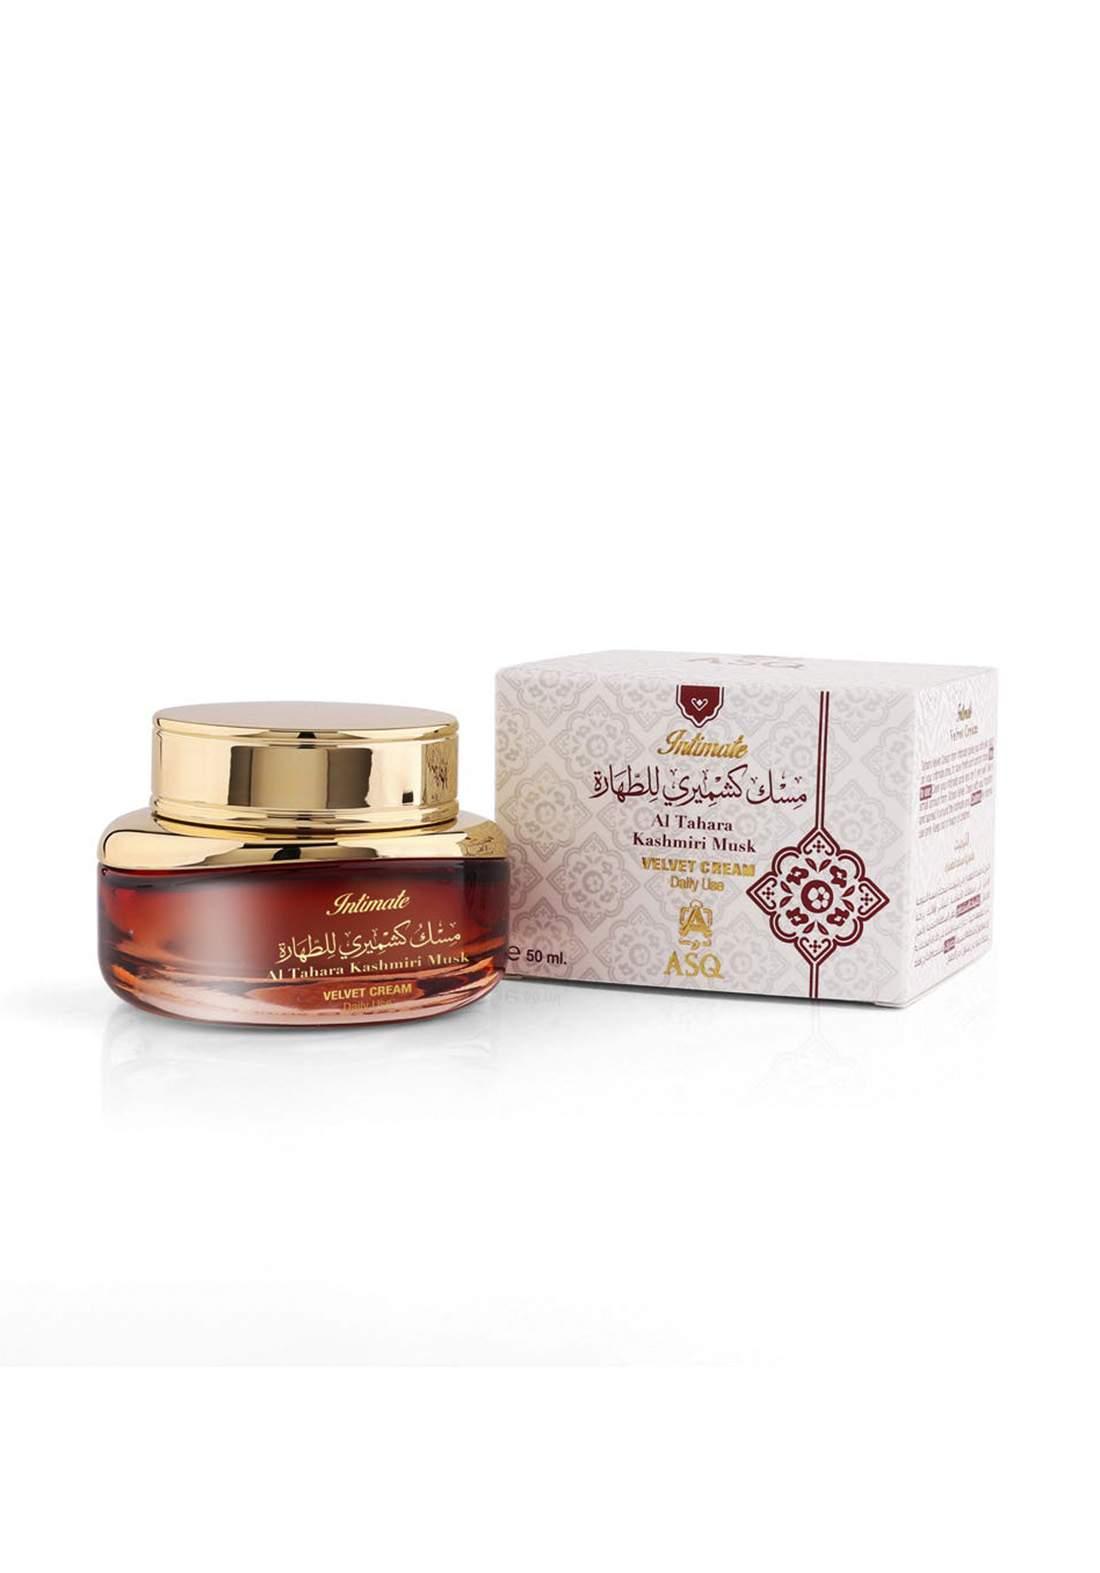 Abdul Samad Al Qurashi Tahara 76154 Kashmiri Musk  Velvet Cream مسك طهارة كشميري للنساء